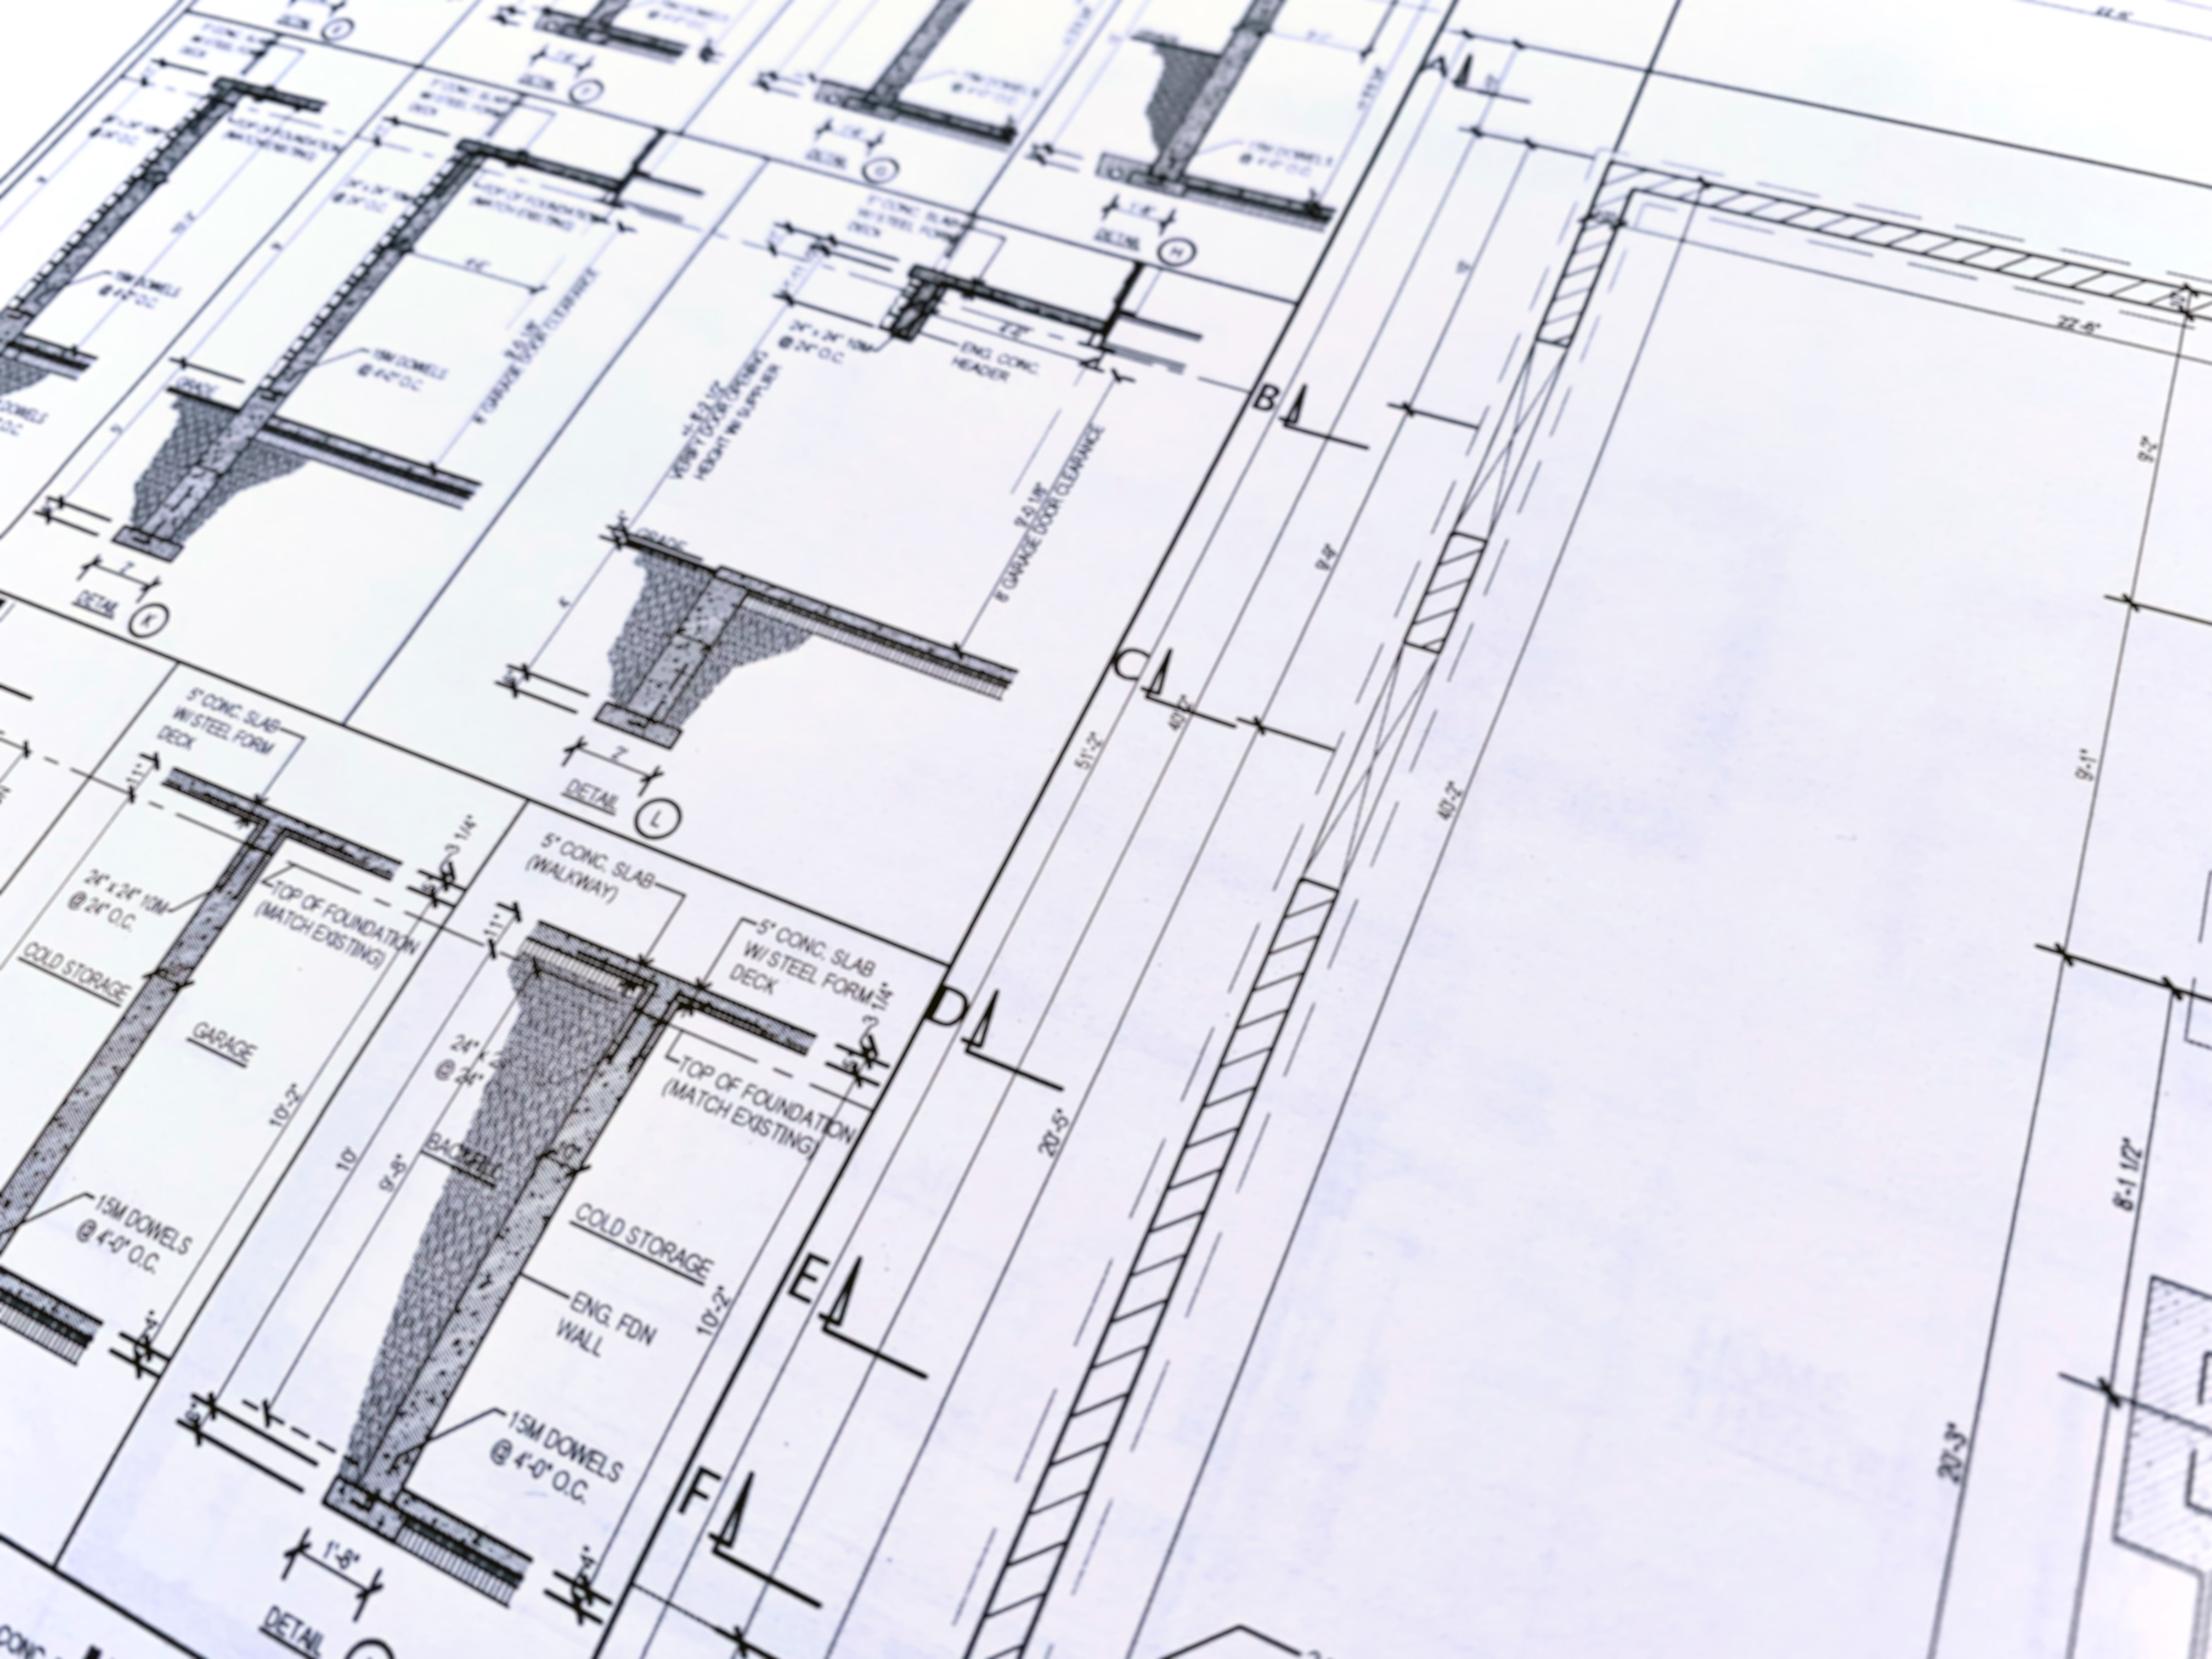 Architectural As Built Floor Plans